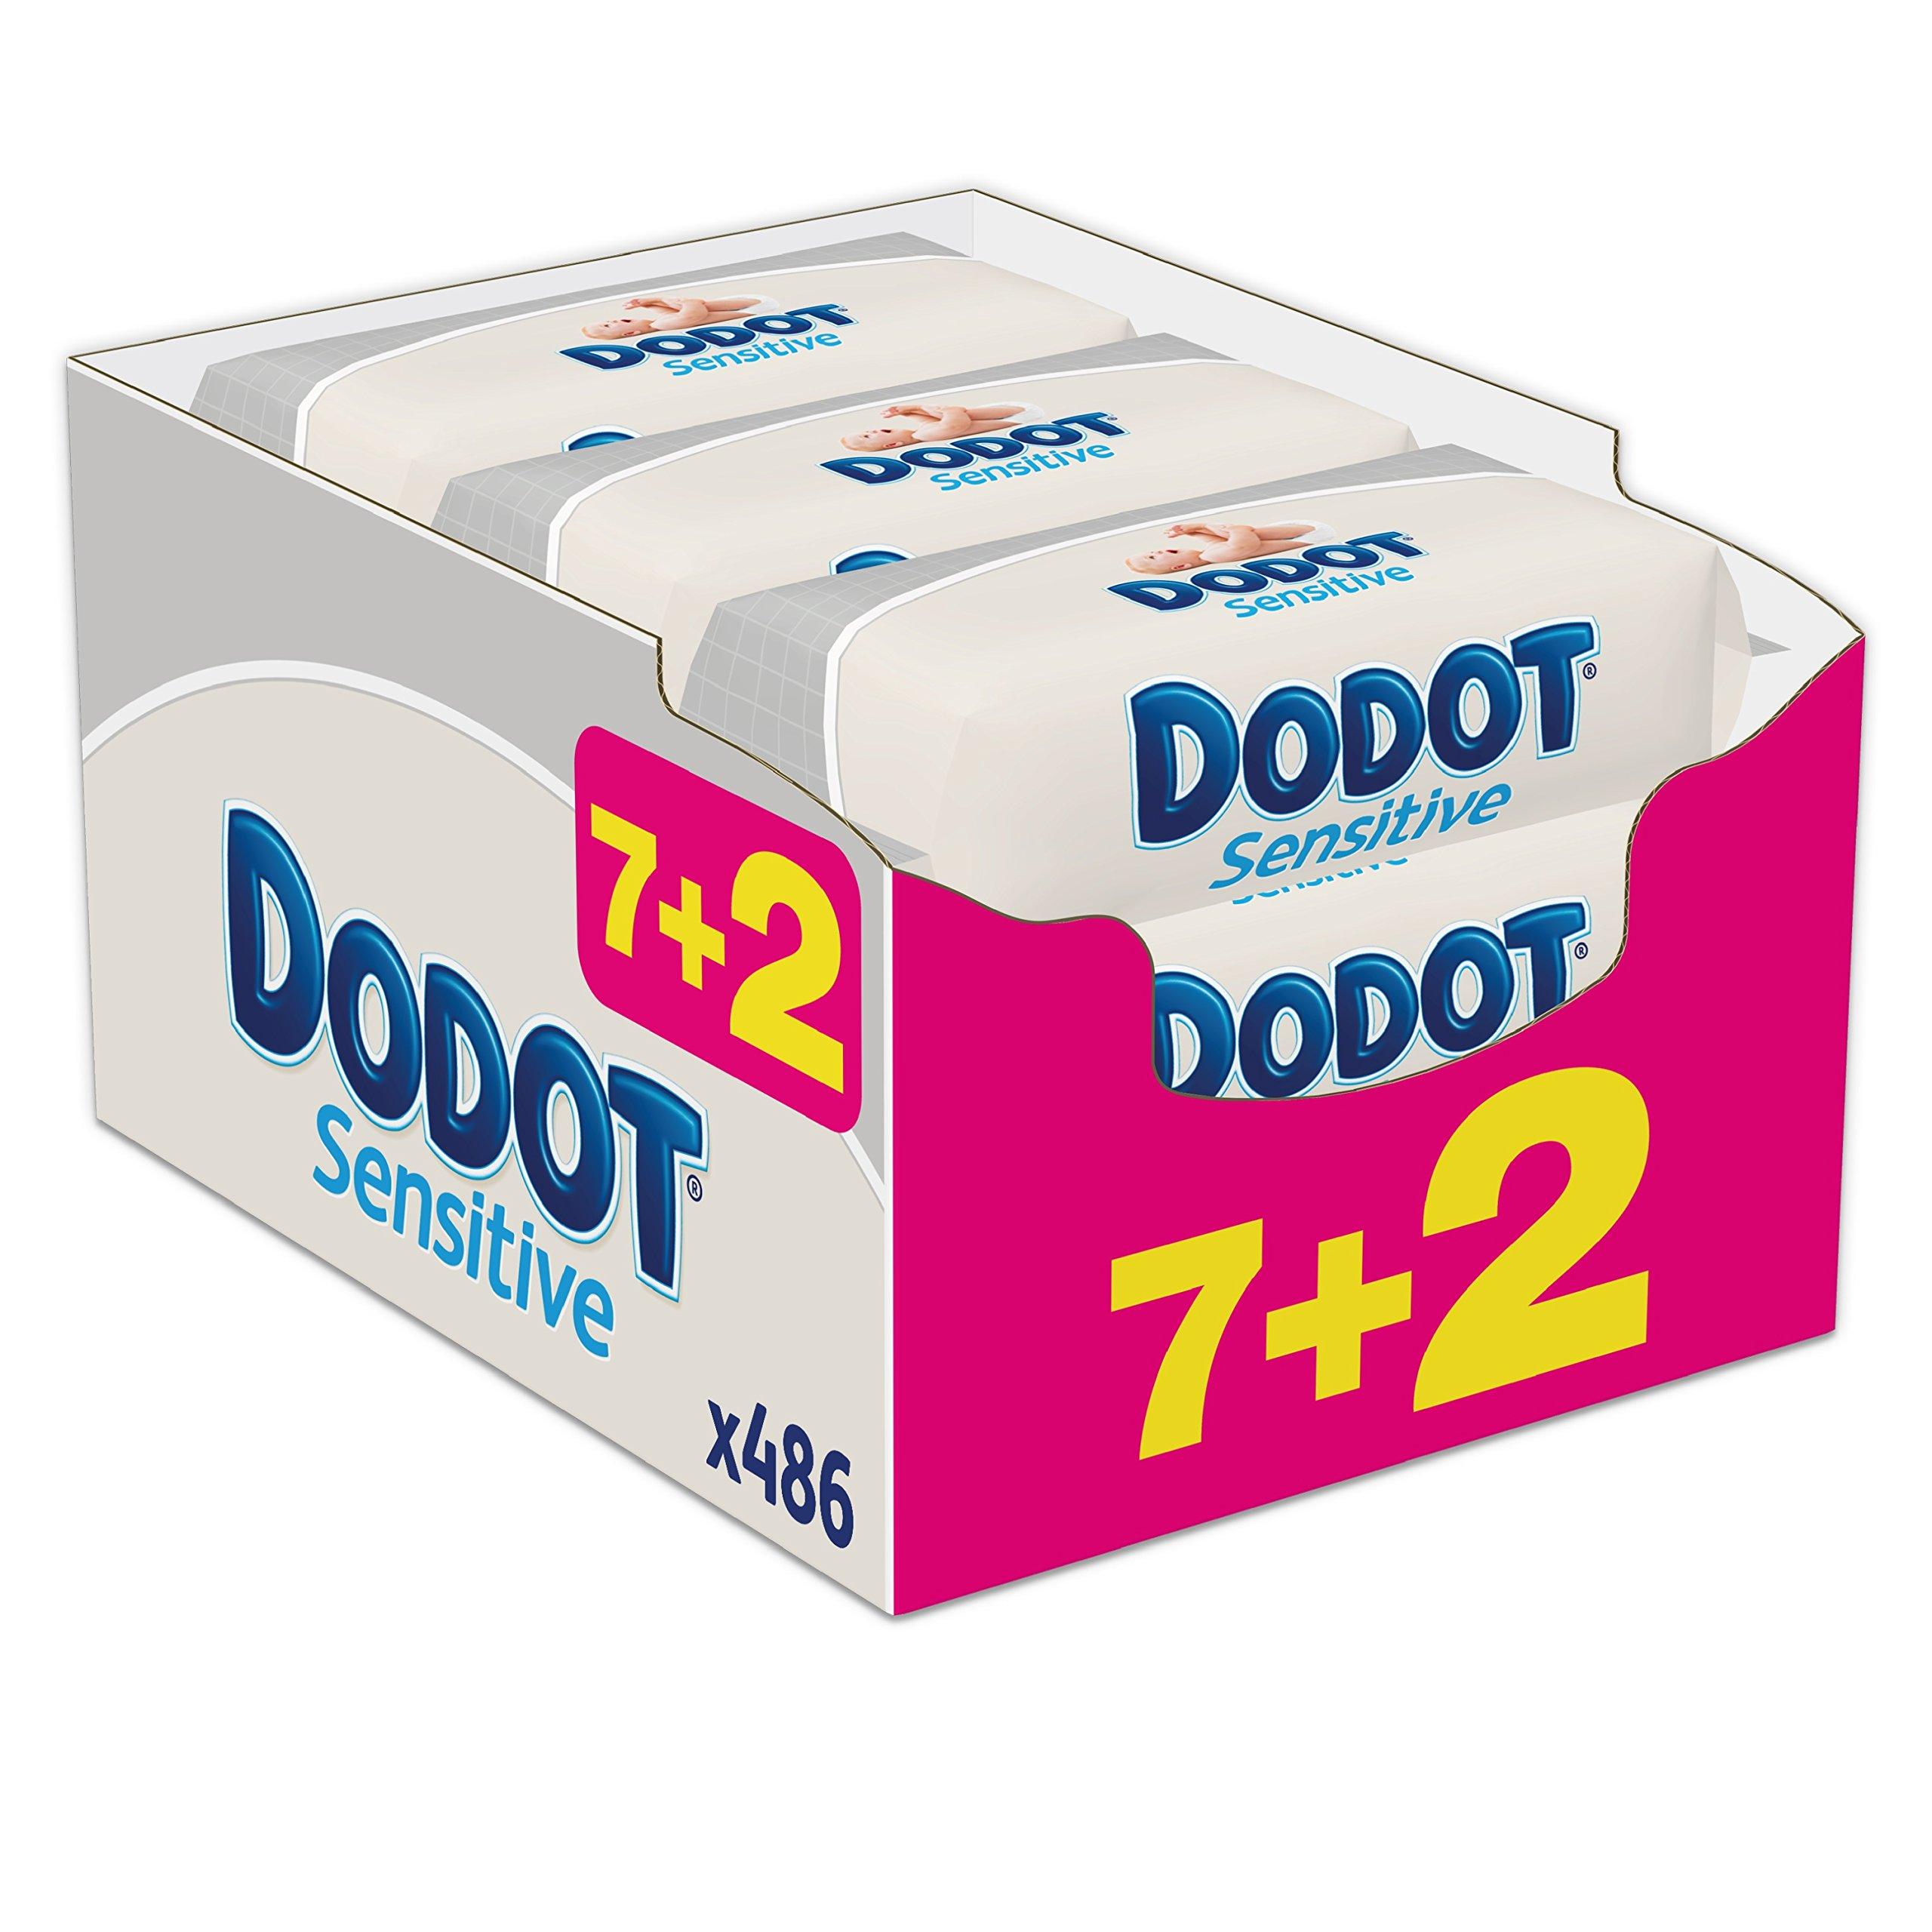 Dodot Sensitive - Toallitas para bebe, 9 paquetes de 54 unidades product image